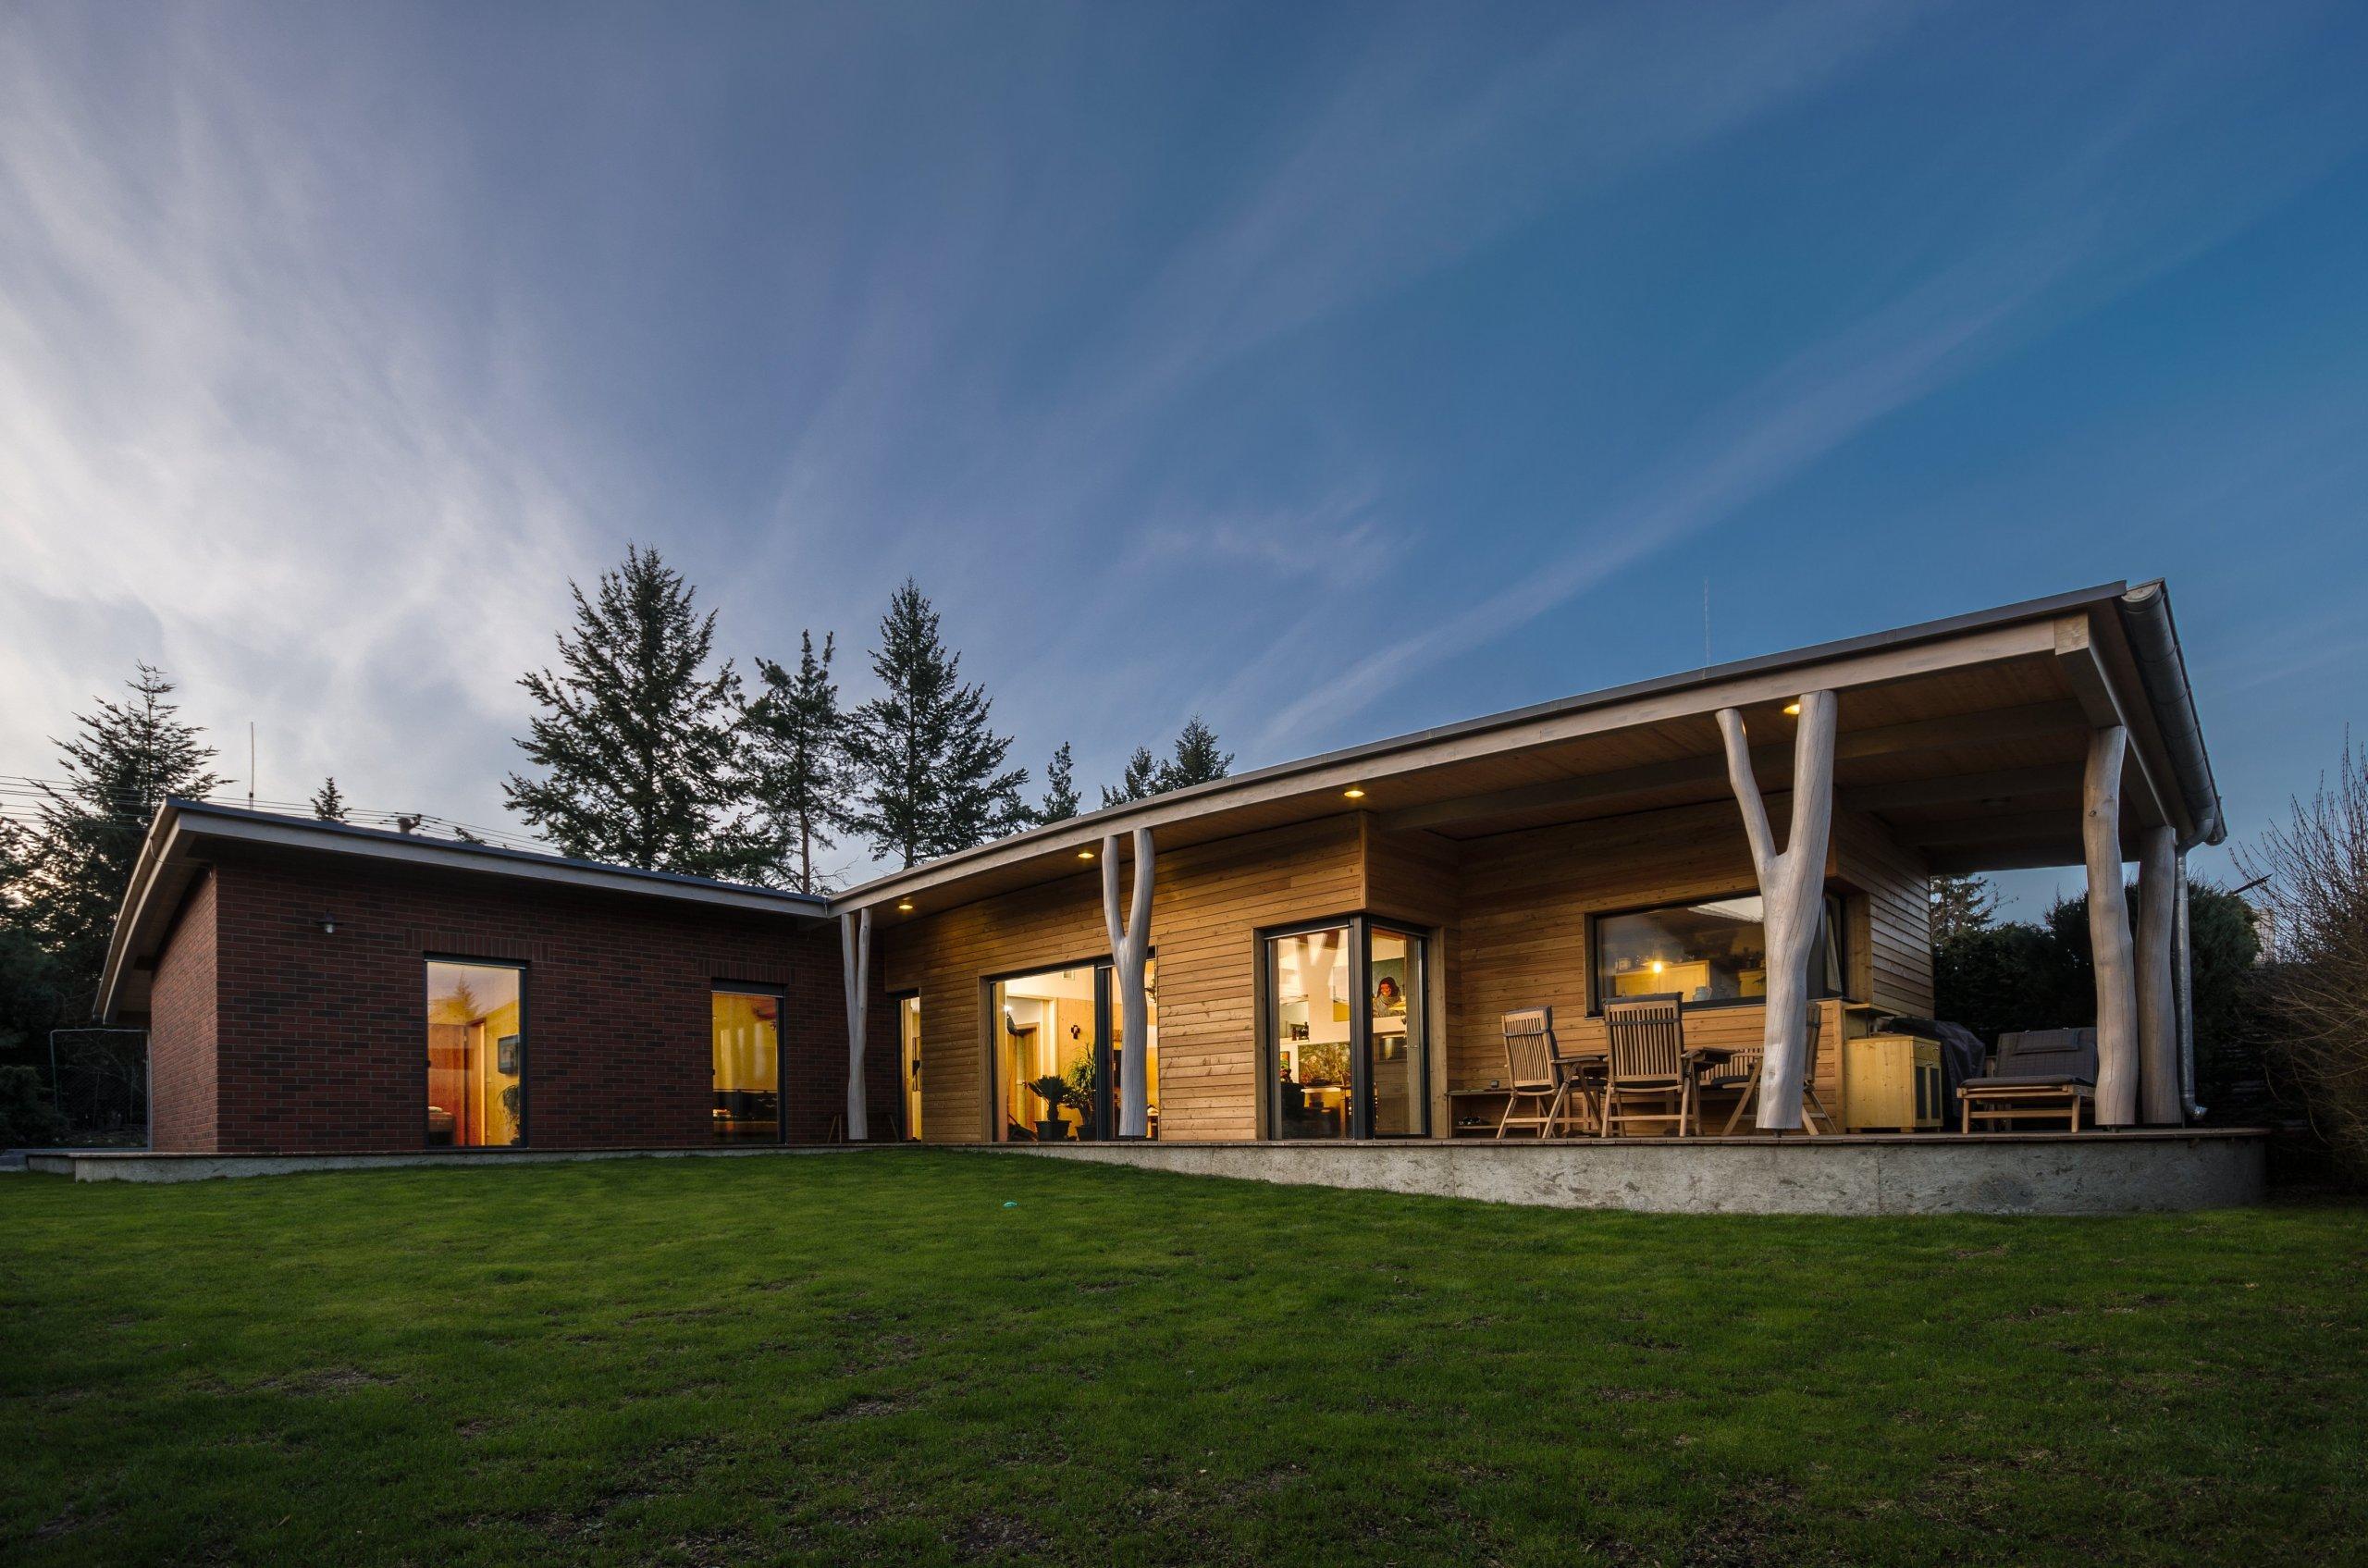 """Jedná se o jednoduchý přízemní dům o půdorysném tvaru """"L"""". Obě ramena domu se otevírají směrem do zahrady. Z kratšího ramene vystupuje kuchyně,…"""